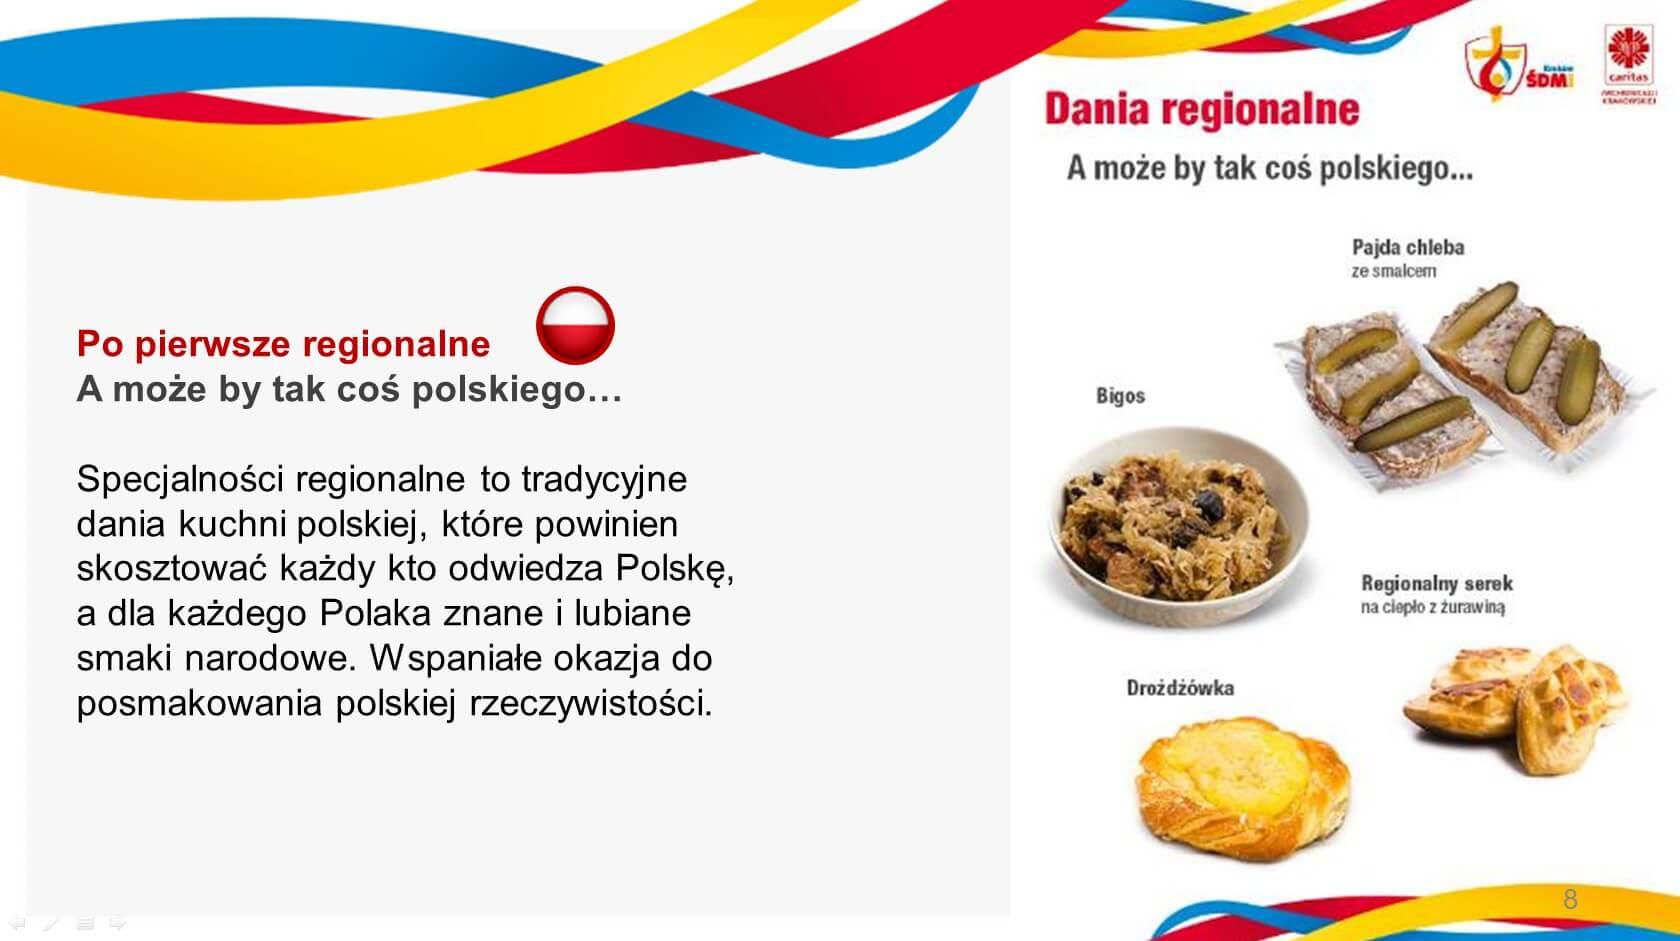 Strefy gastronomiczne ŚDM 2016 (8)